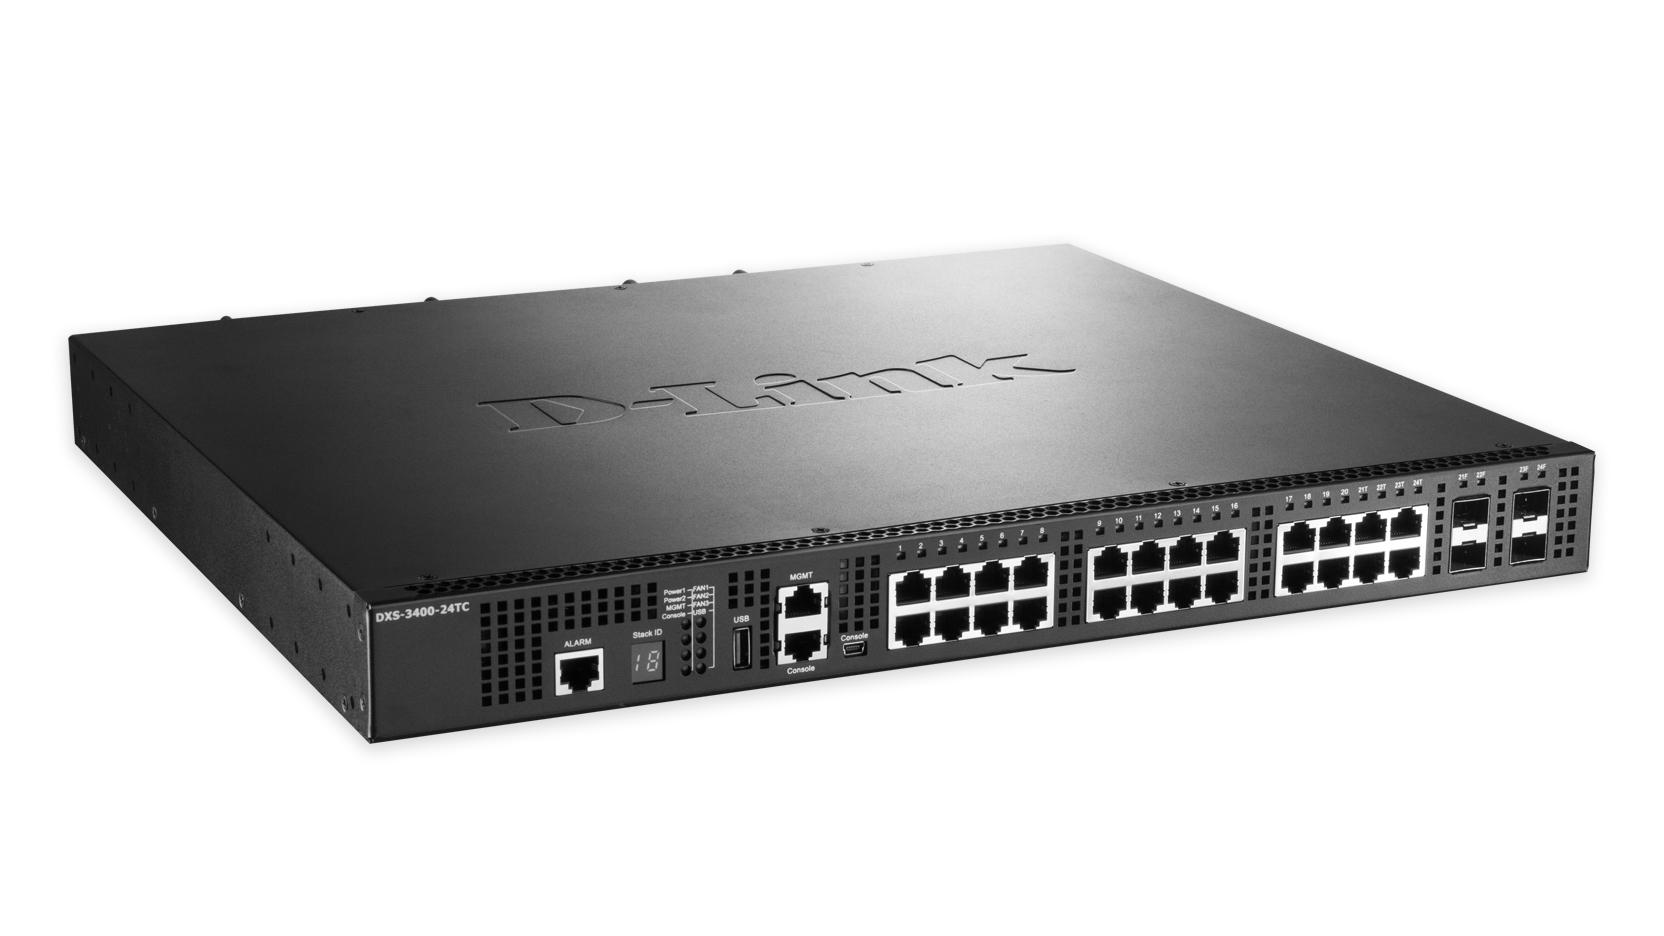 D-Link DXS-3400-24SC Managed L3 10G Ethernet (100/1000/10000) Black network switch